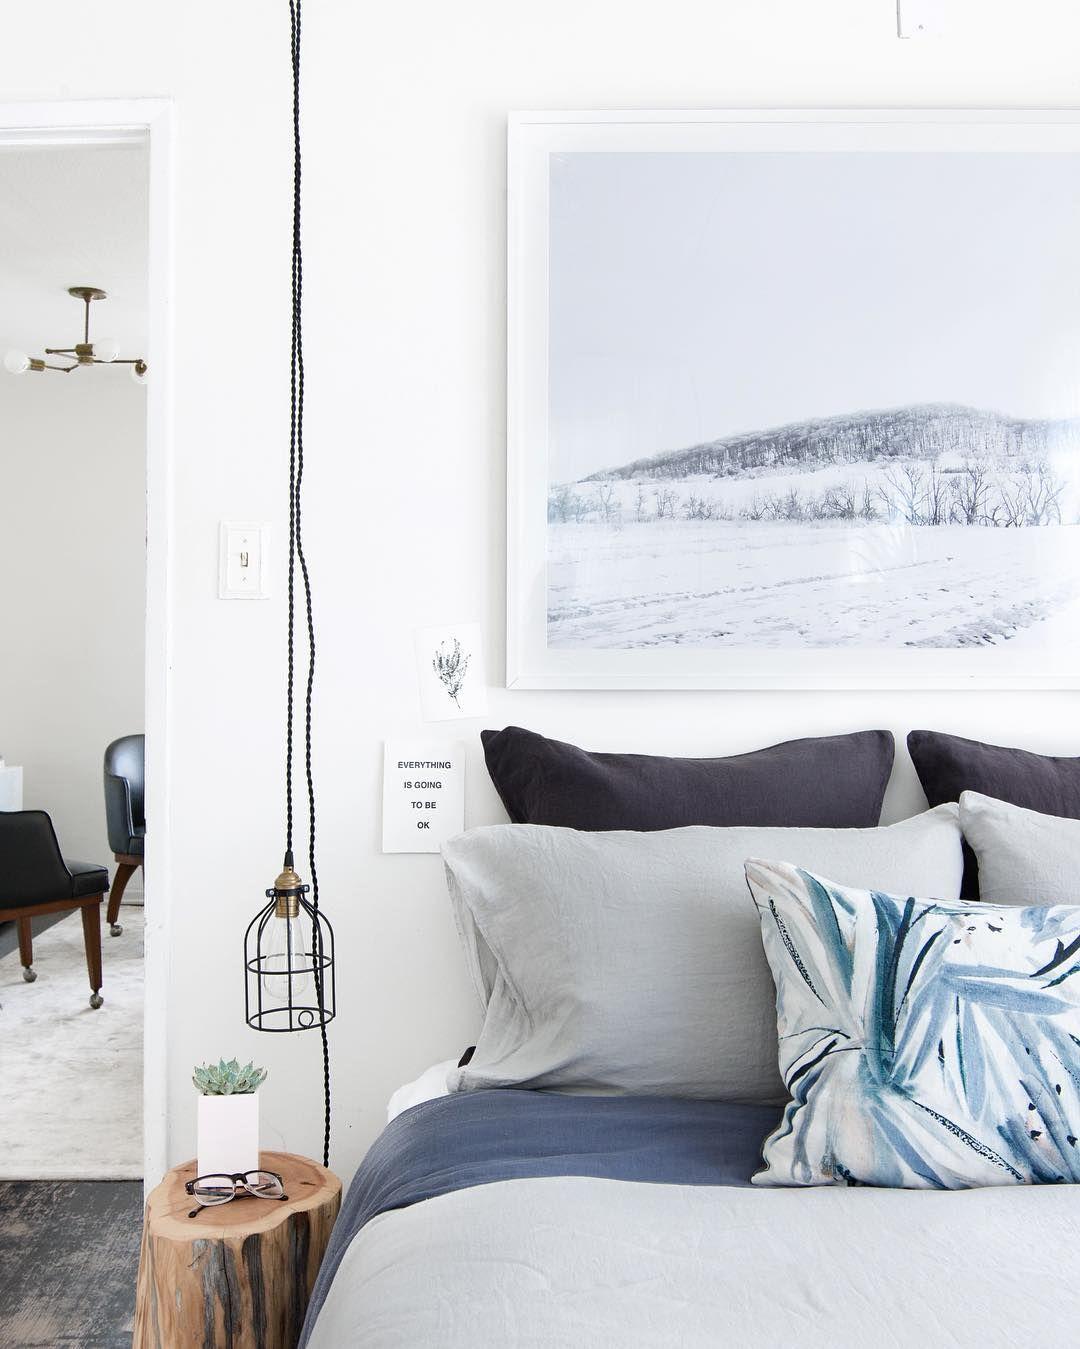 Minimalist Coastal Style Bedroom With Images Coastal Style Bedroom